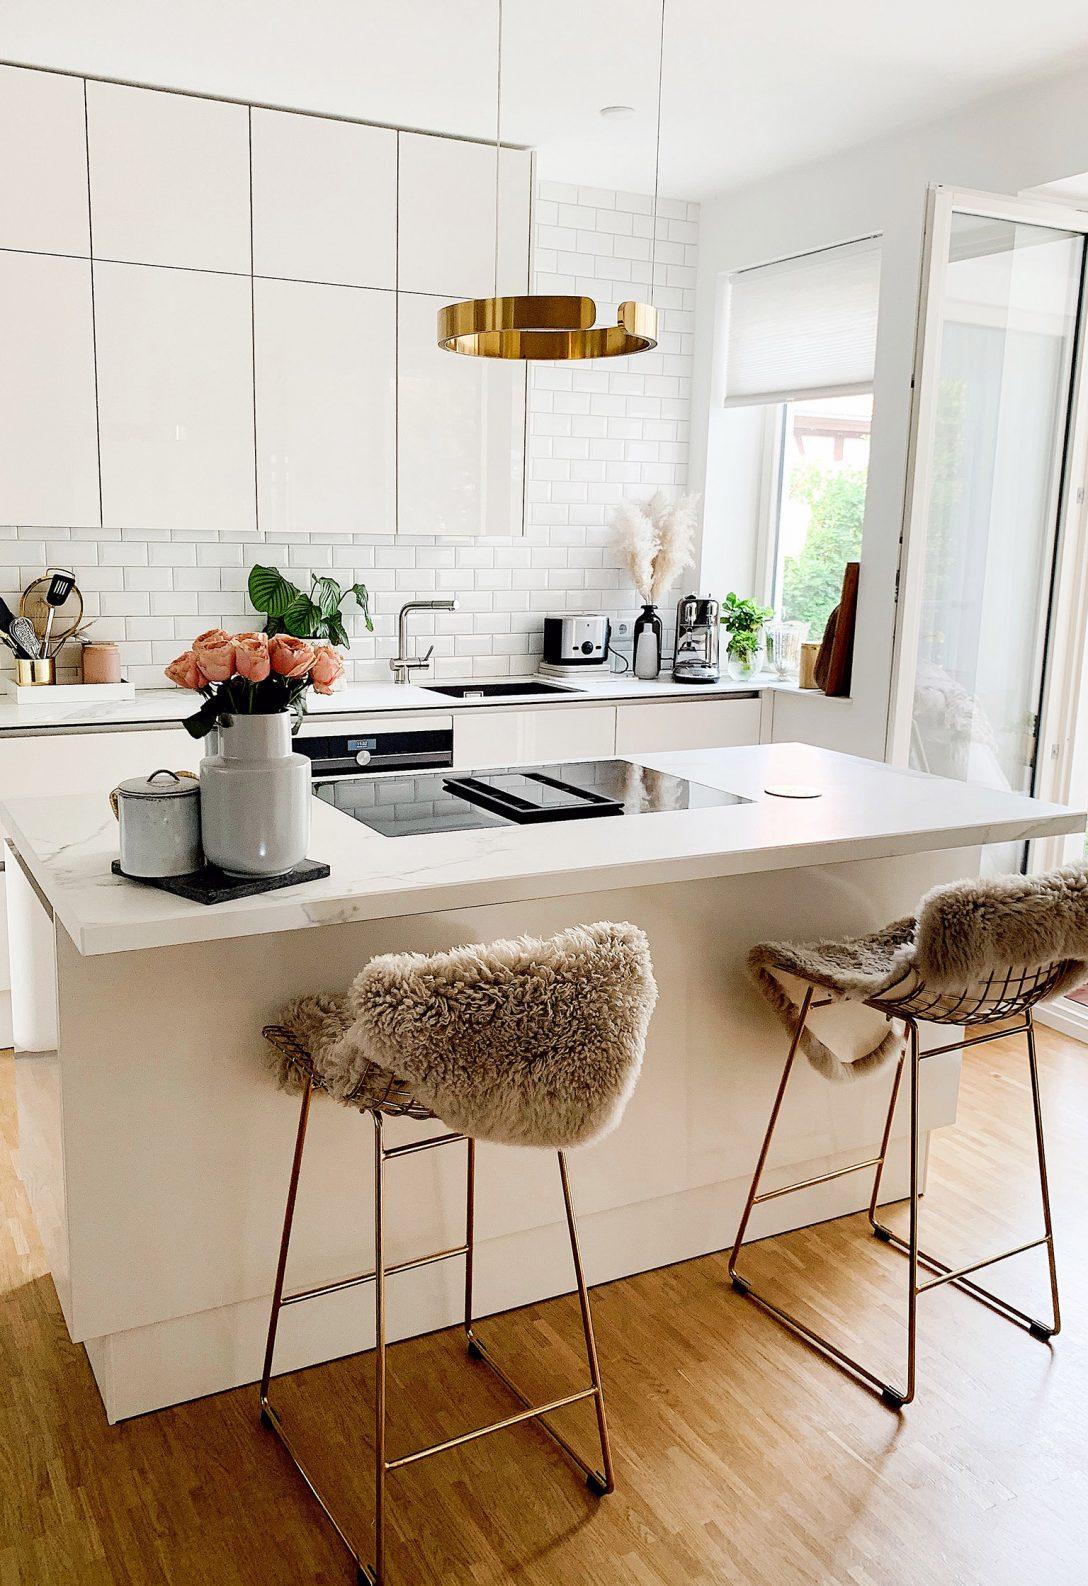 Large Size of Wohnung Mit Offener Küche Einrichten Verwinkelte Küche Einrichten Küche Einrichten Worauf Achten Dachgeschoss Küche Einrichten Küche Küche Einrichten